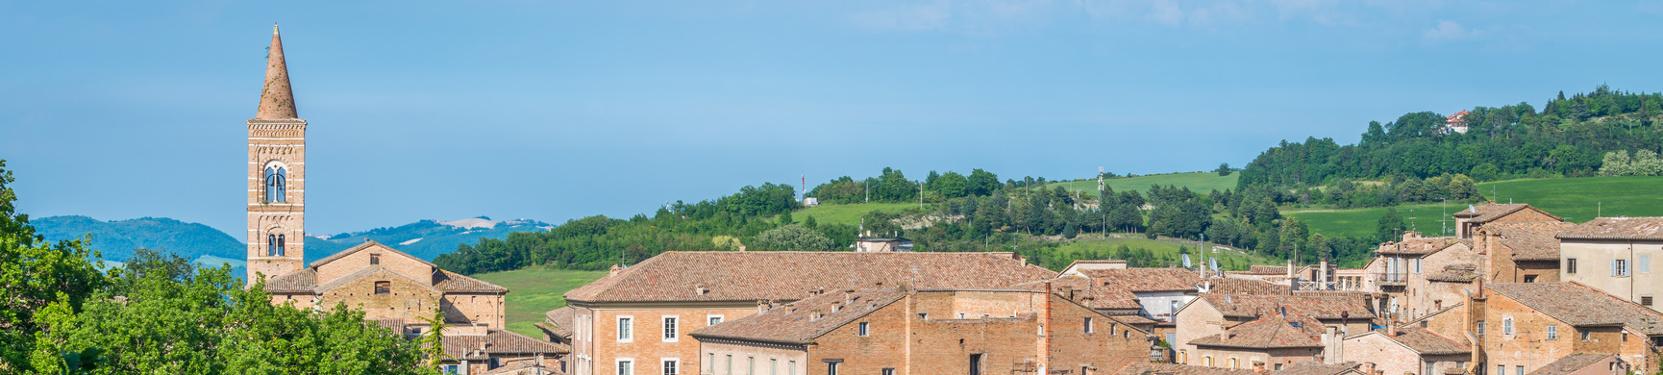 Bild von Urbino